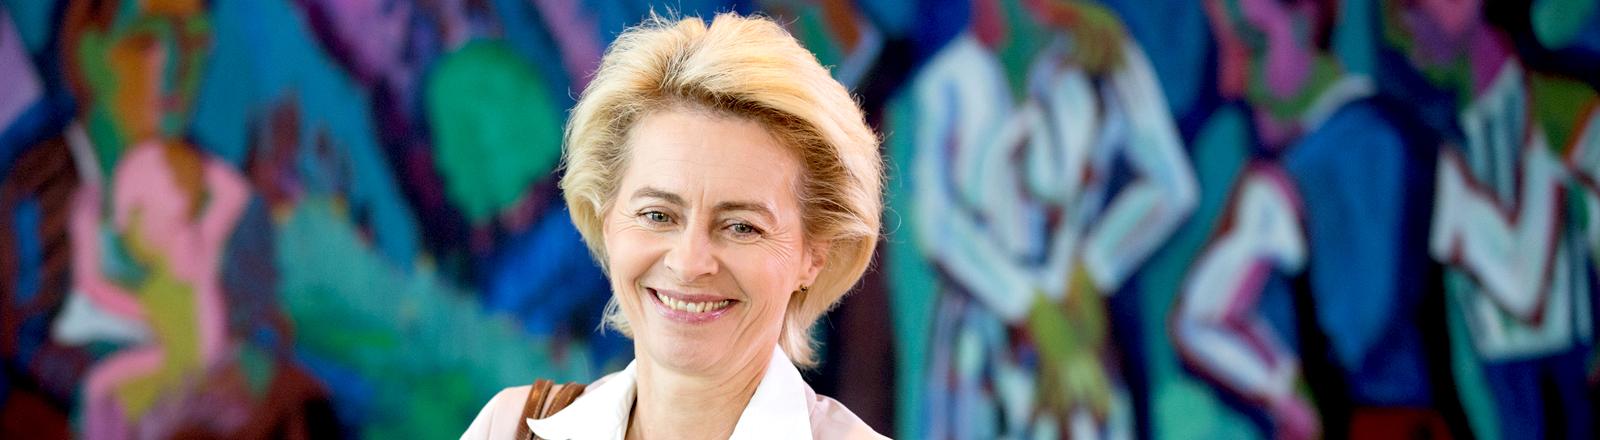 Ursula von der Leyen vor einer Kabinettssitzung